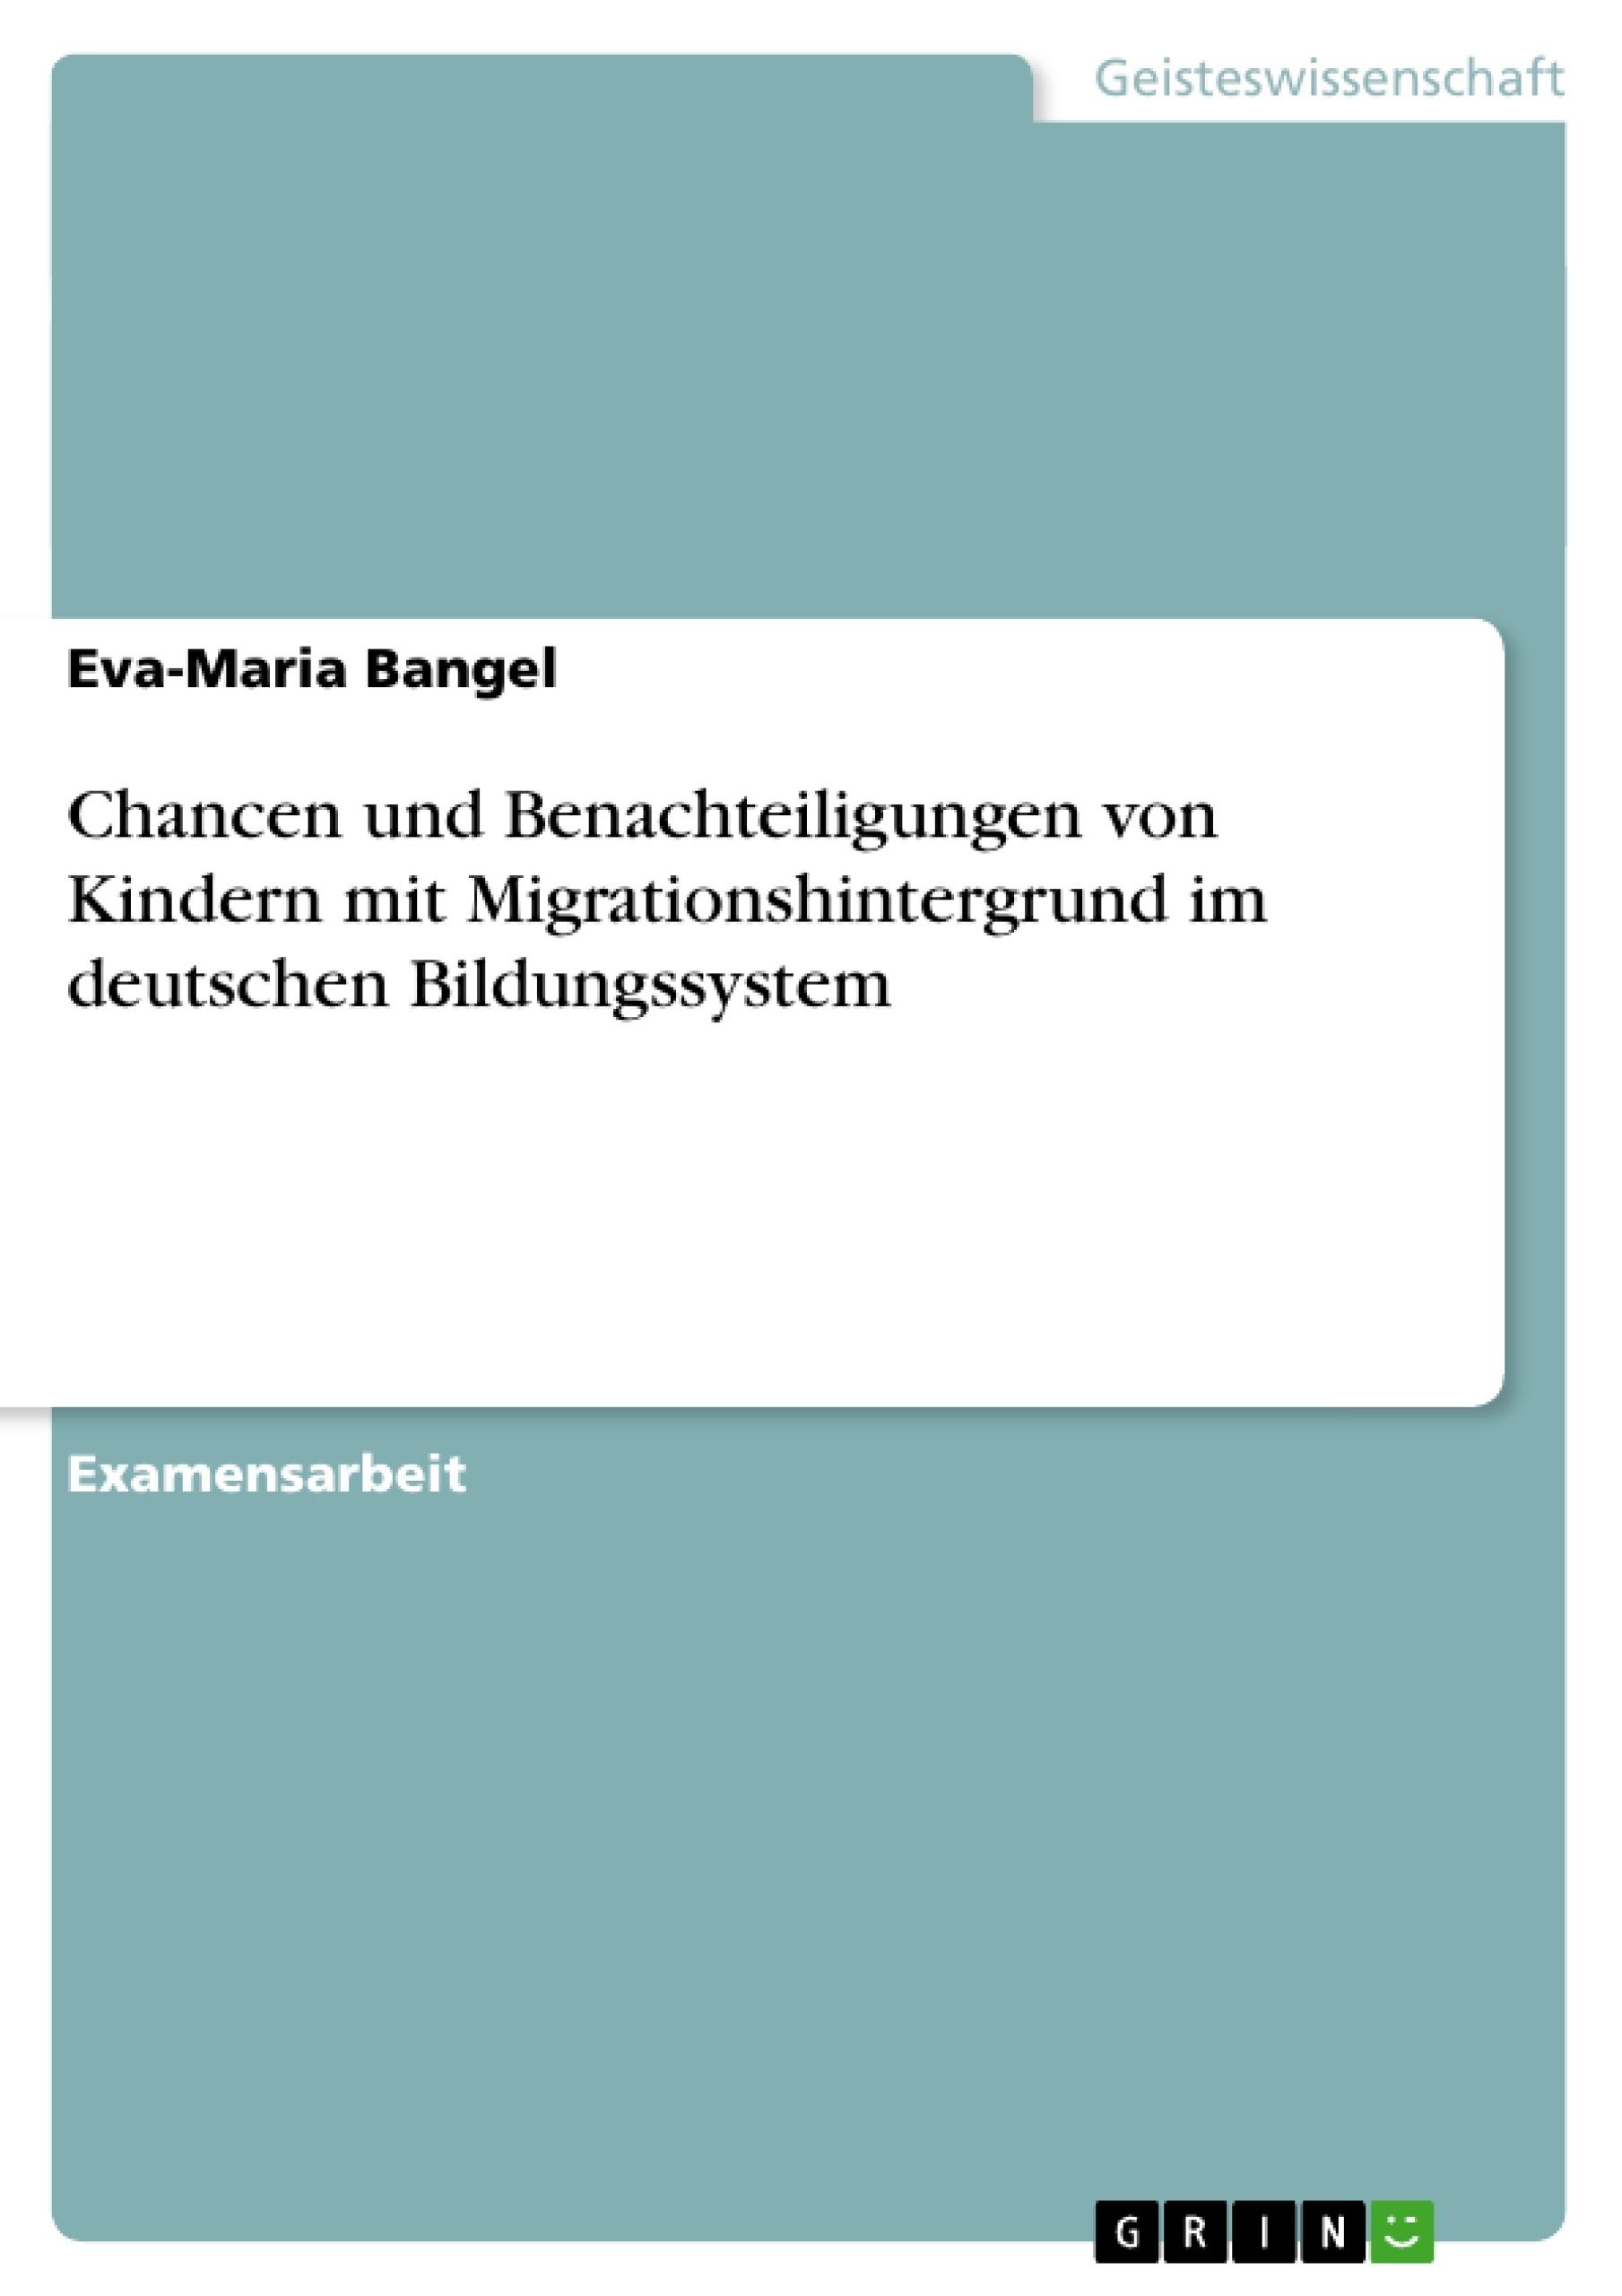 Titel: Chancen und Benachteiligungen von Kindern mit Migrationshintergrund im deutschen Bildungssystem